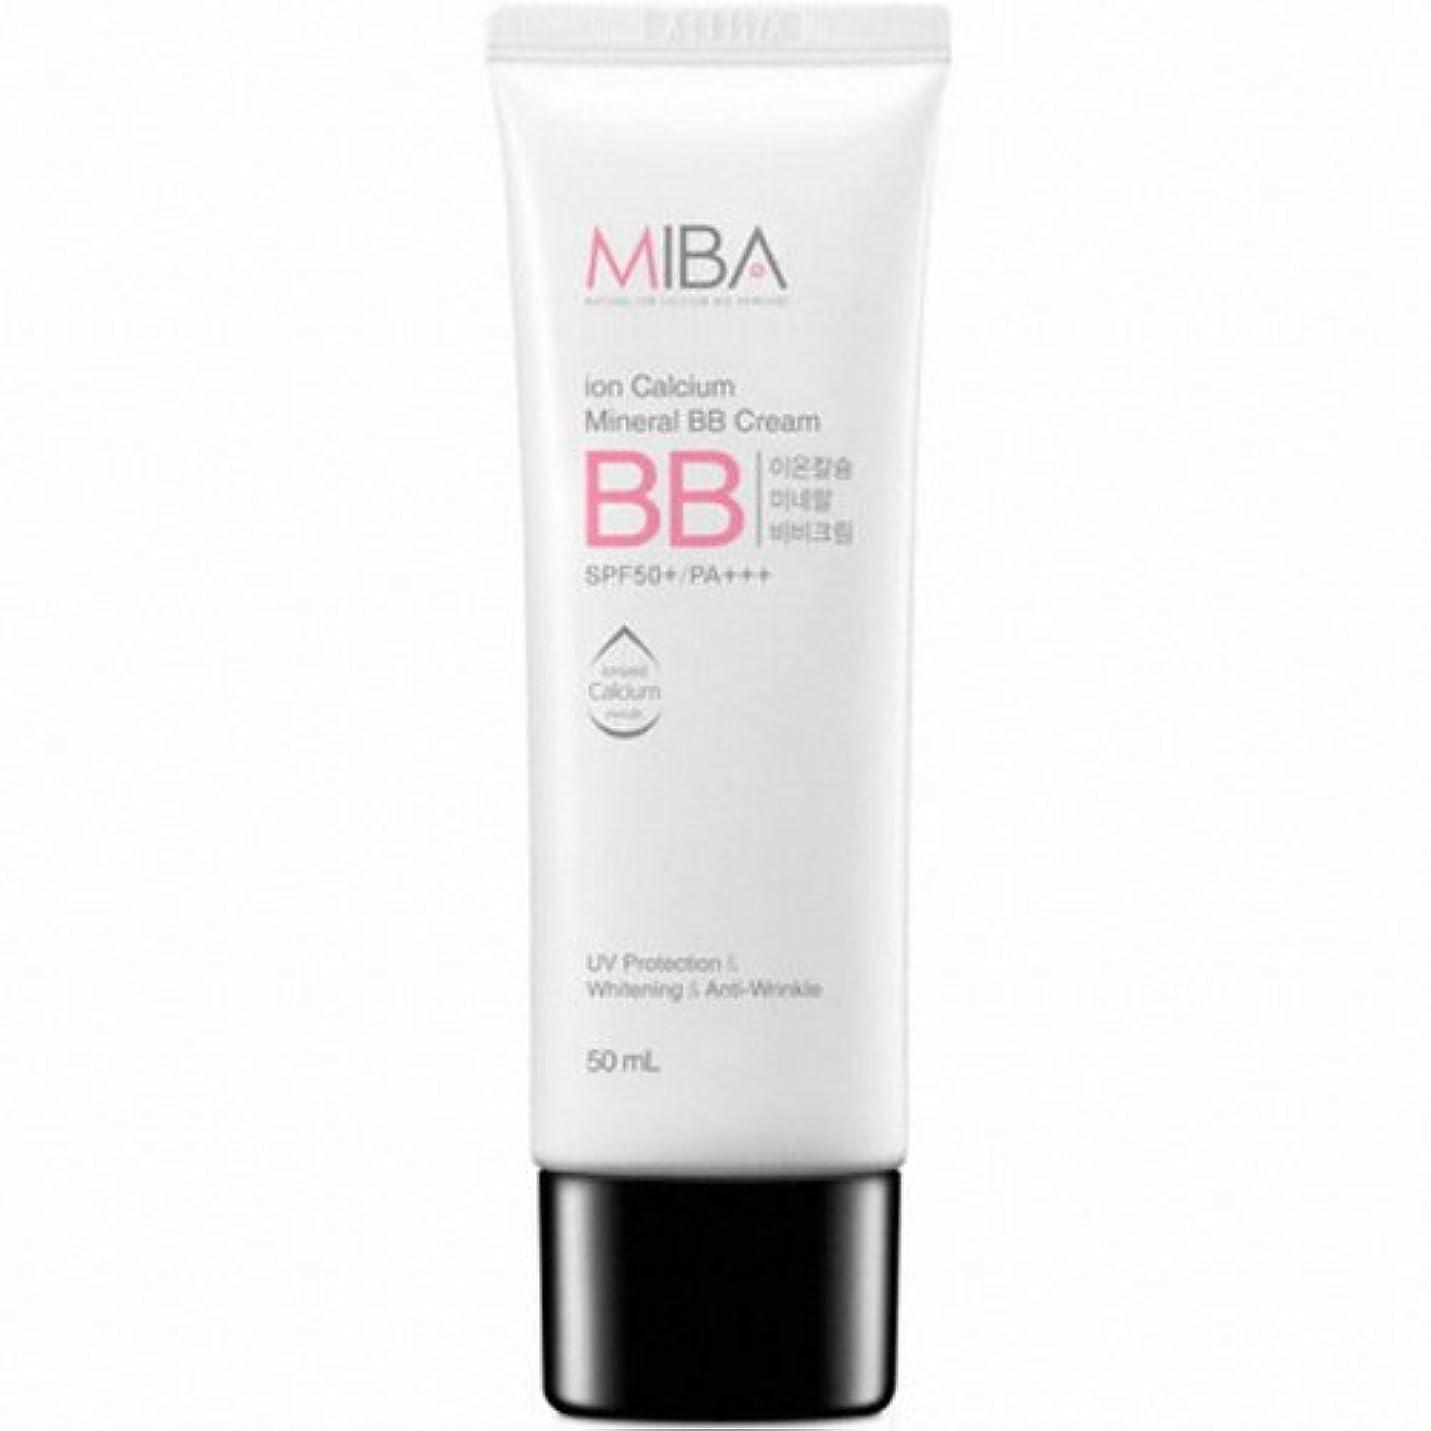 横たわるなのでバルコニーMINERALBIO (ミネラルバイオ) ミバ イオン カルシウム ミネラル ビビクリーム / MIBA Ion Calcium Mineral BB Cream (50ml) [並行輸入品]